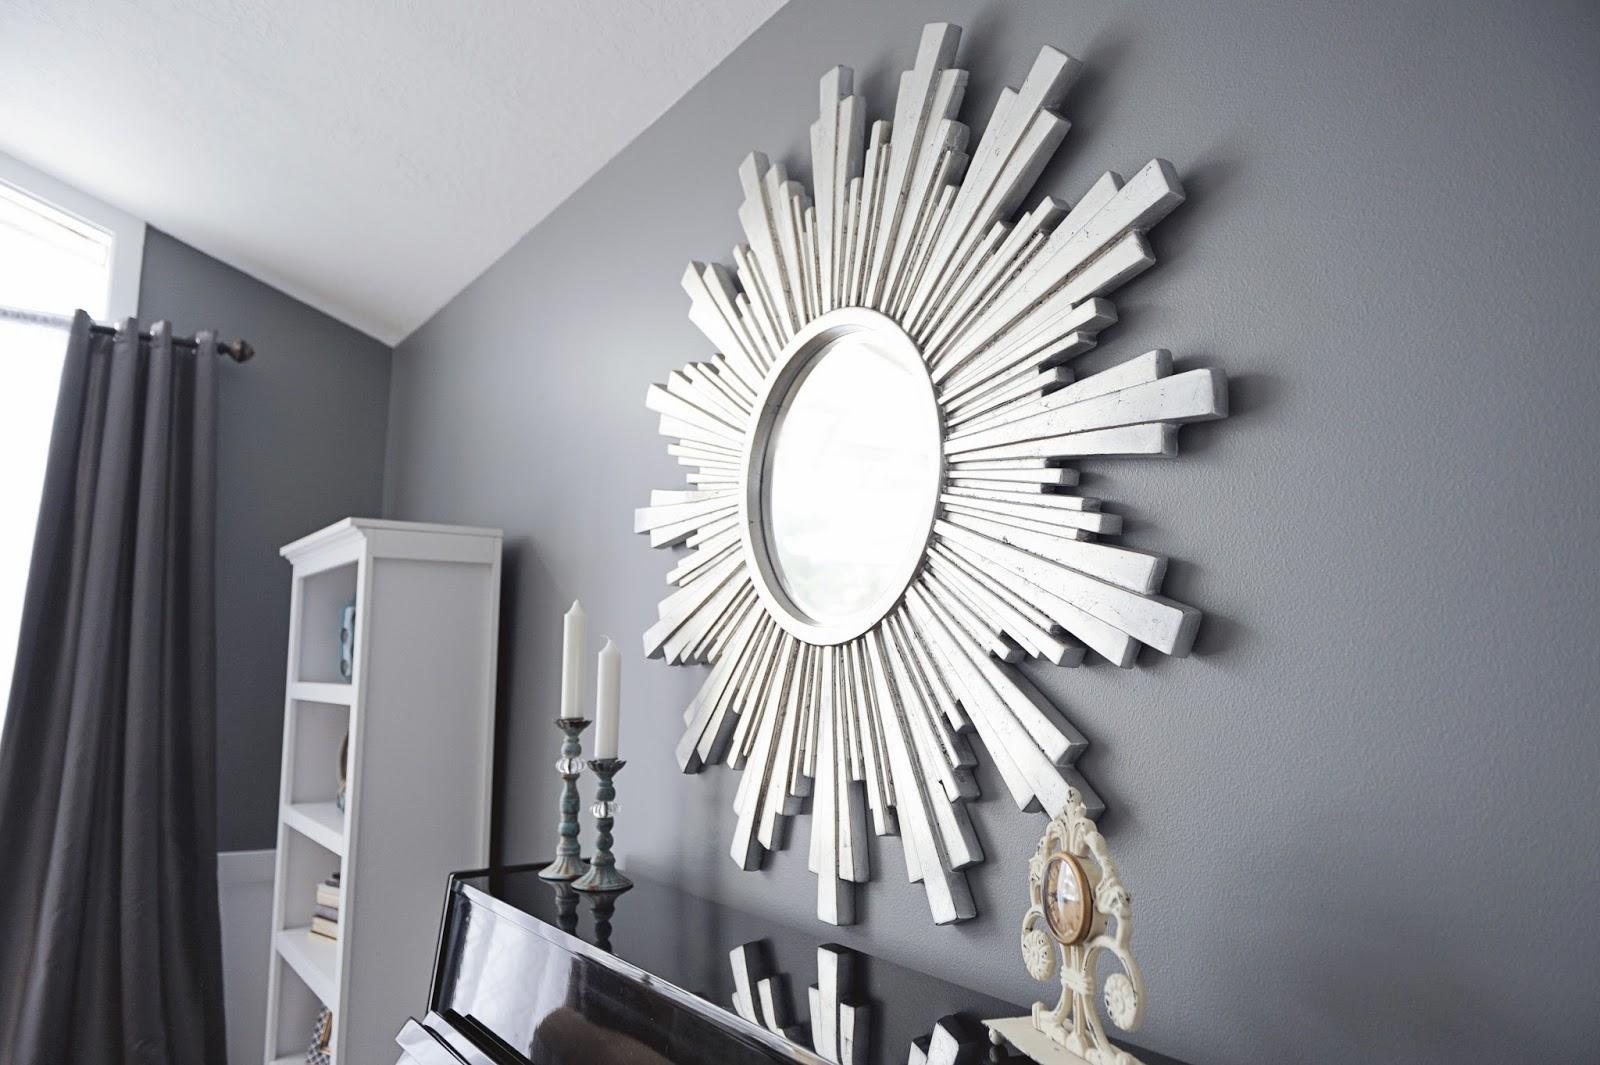 studio 7 interior design it s in the details sunburst mirror ballard design gardner village down to earth gray white